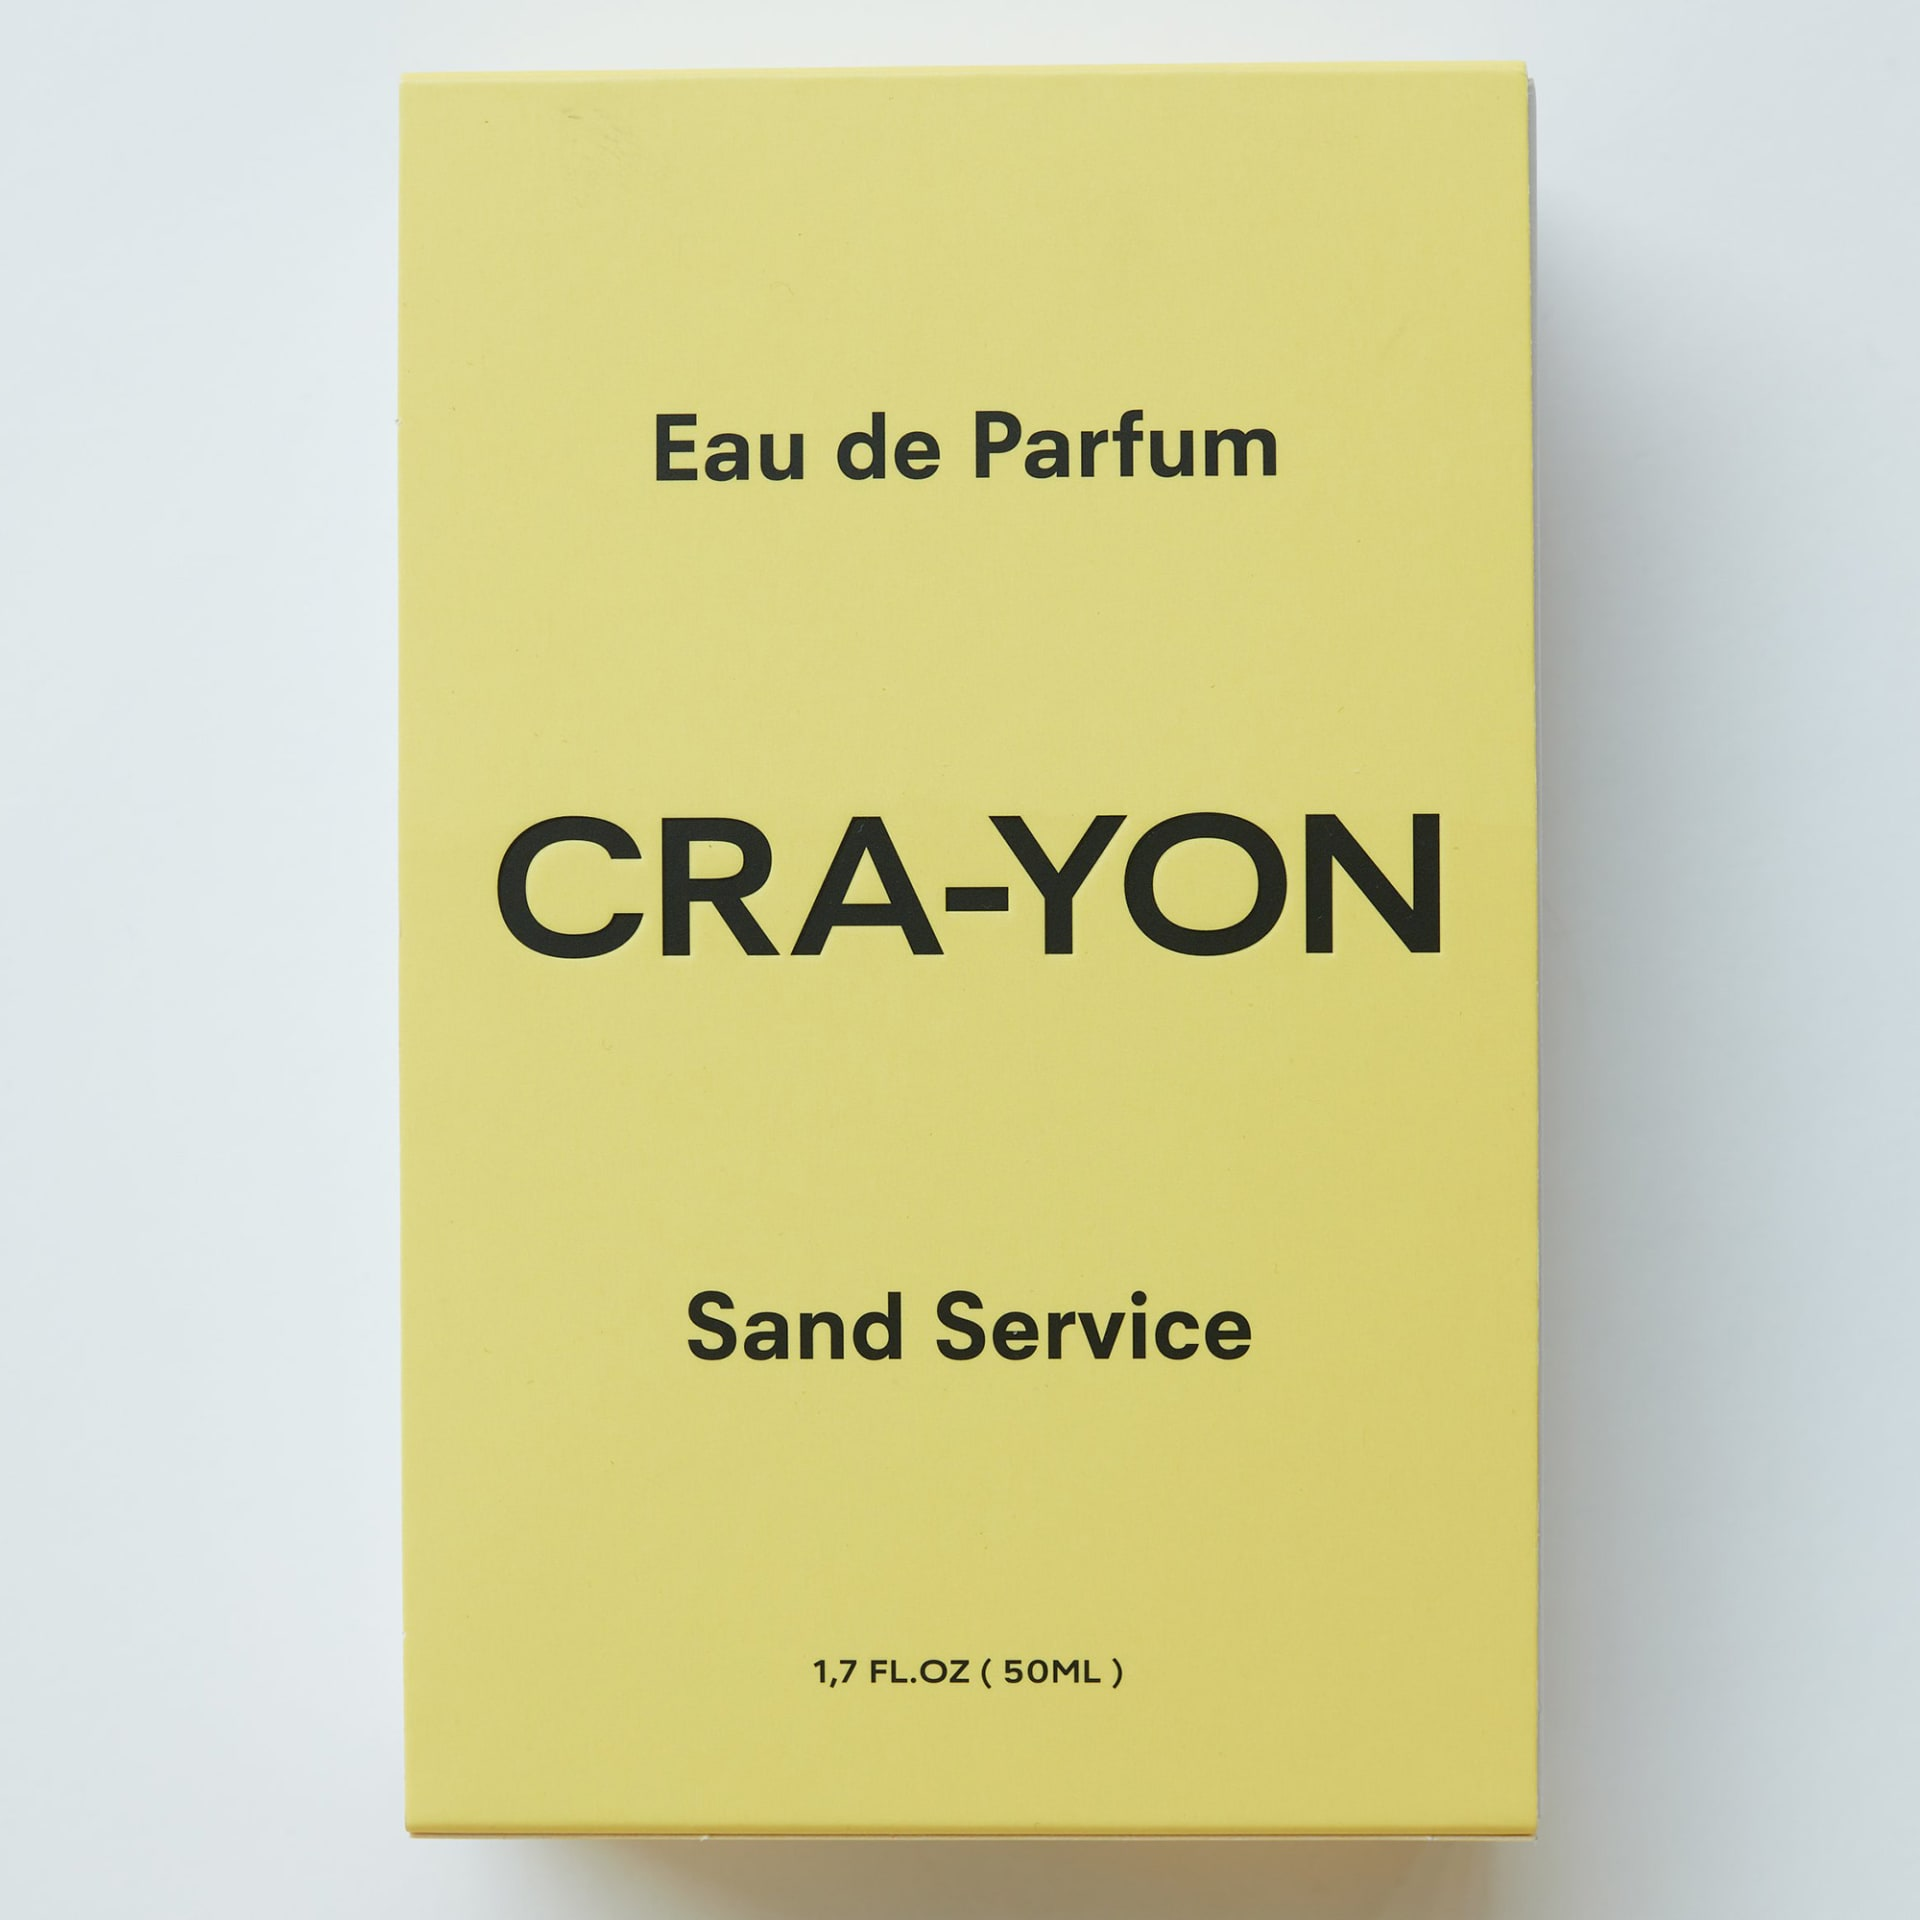 cra-yon-sand-service-2